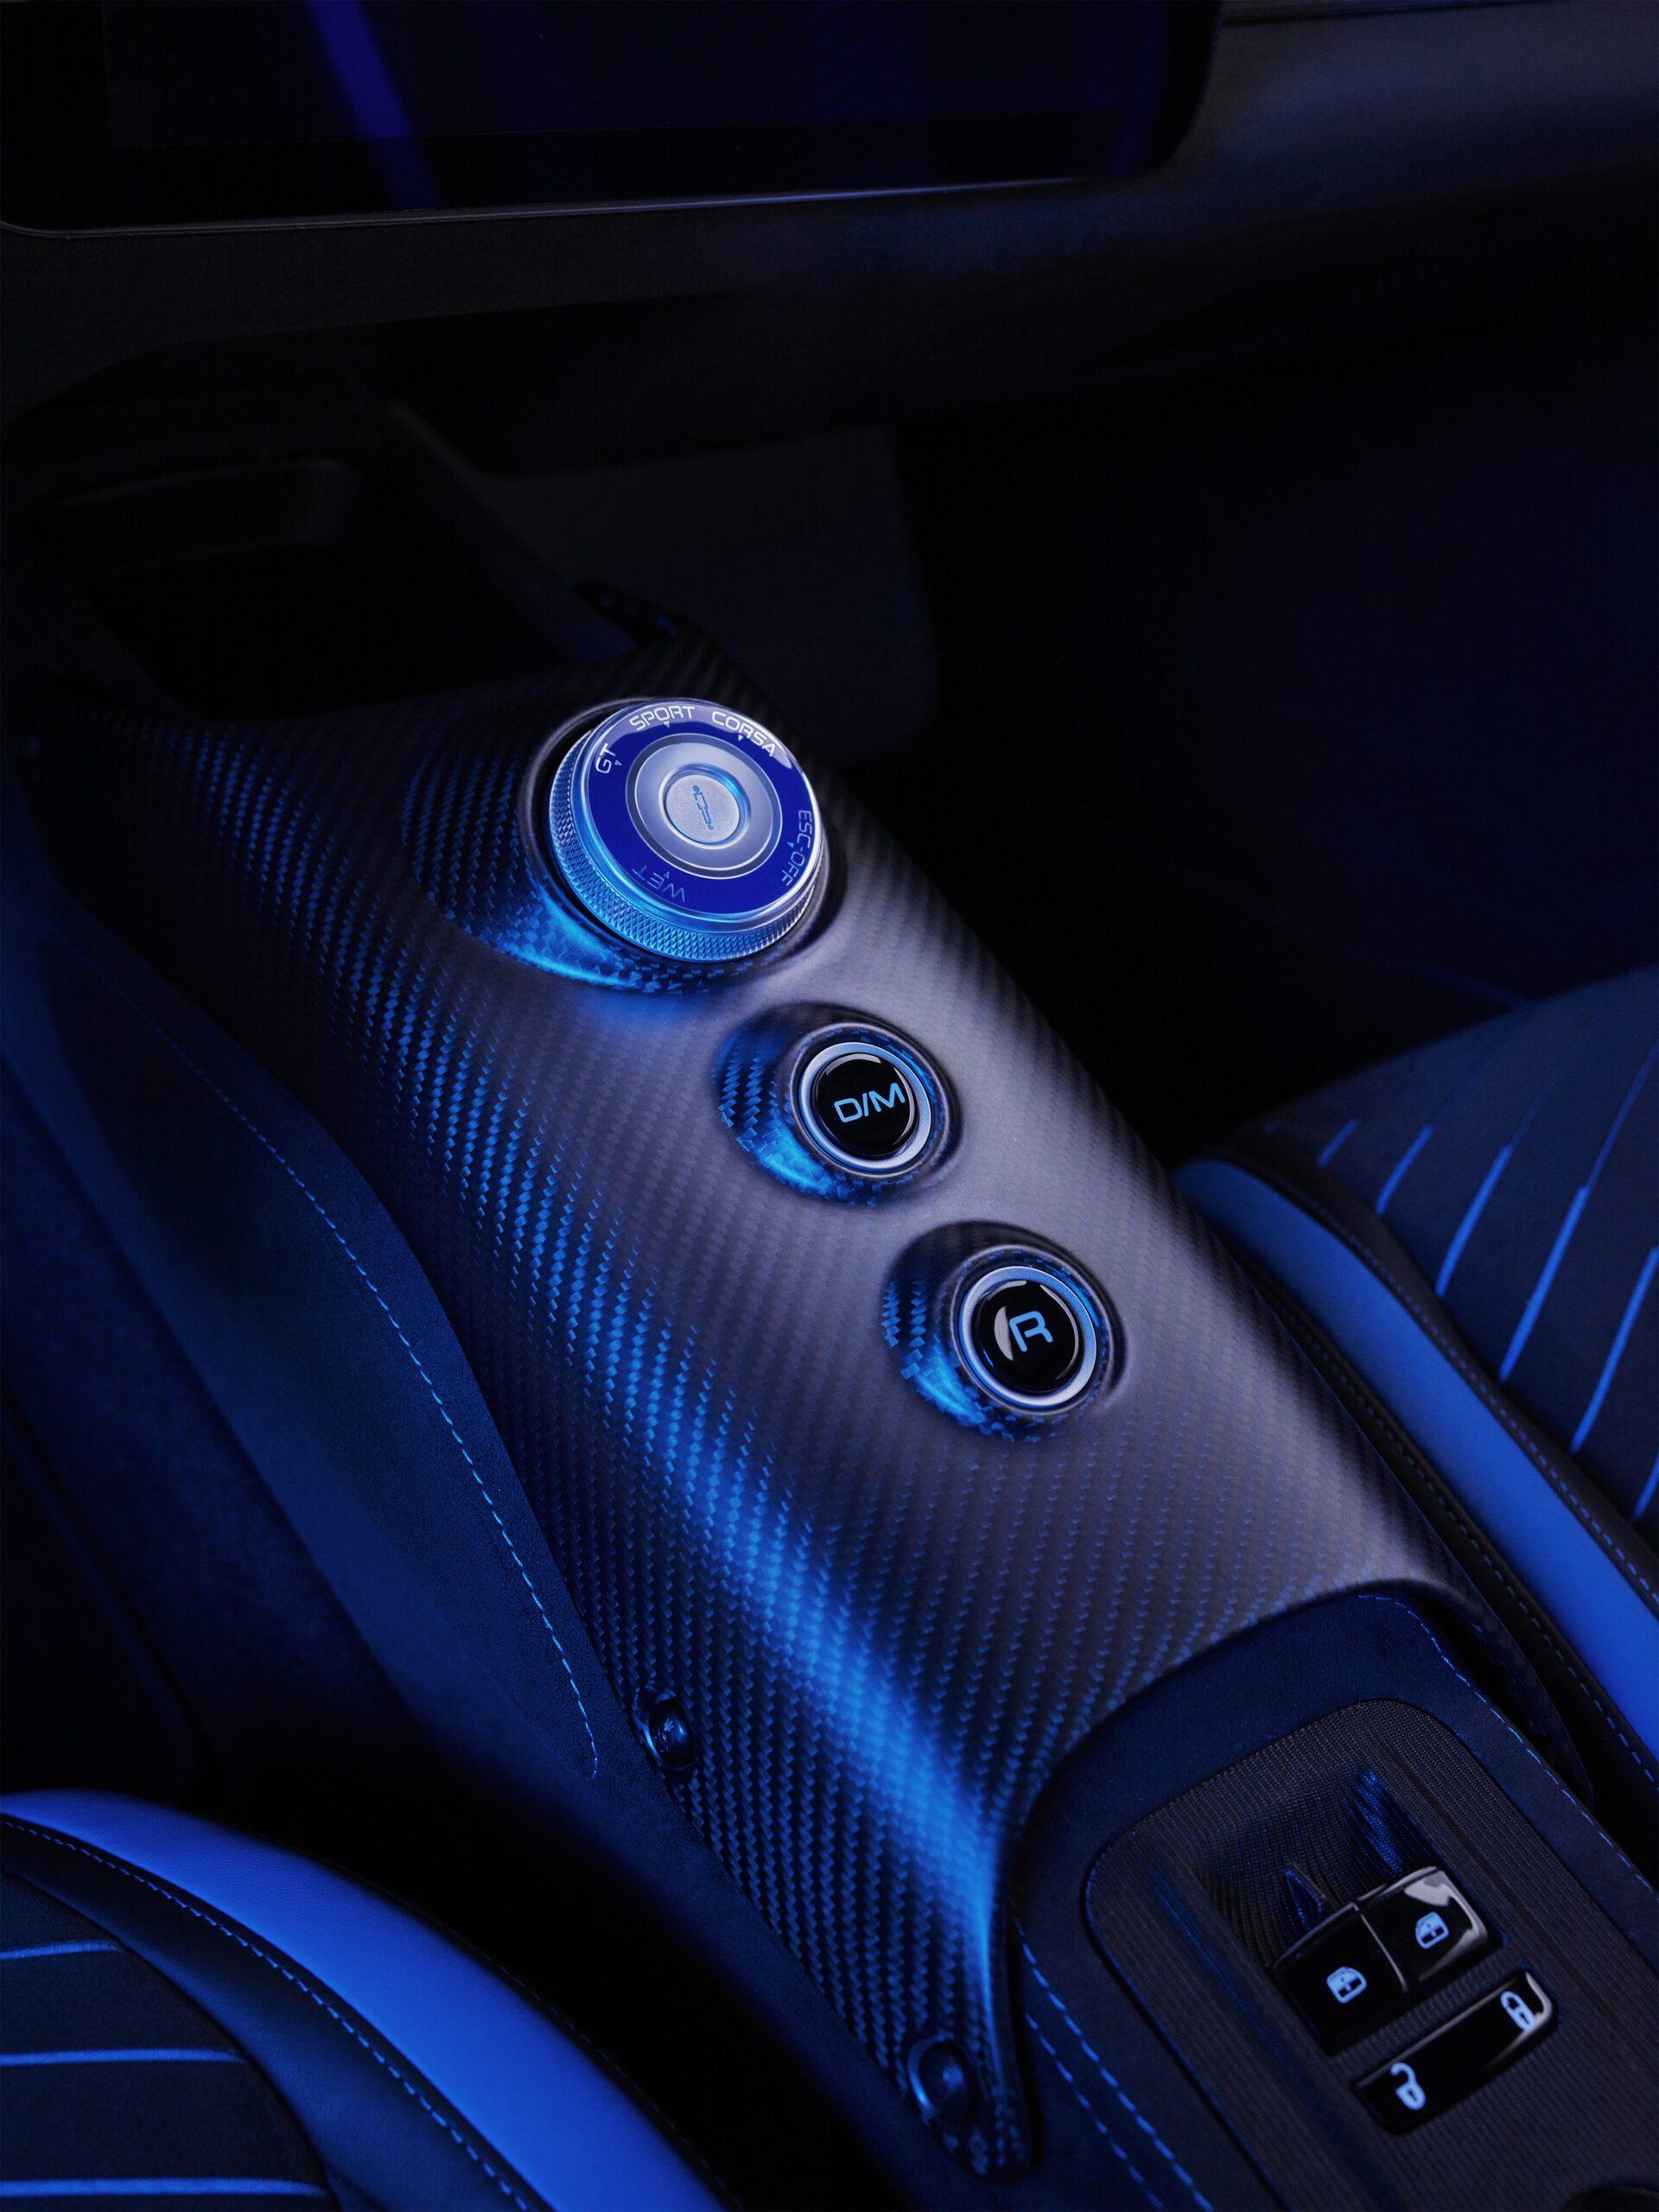 Of je nu de grenzen van sportiviteit wil opzoeken of wil genieten van comfortabel rijden, met de MC20 kan het allemaal. Je hebt keuze uit vier rijmodi; GT, Sport, Corsa en Wet.